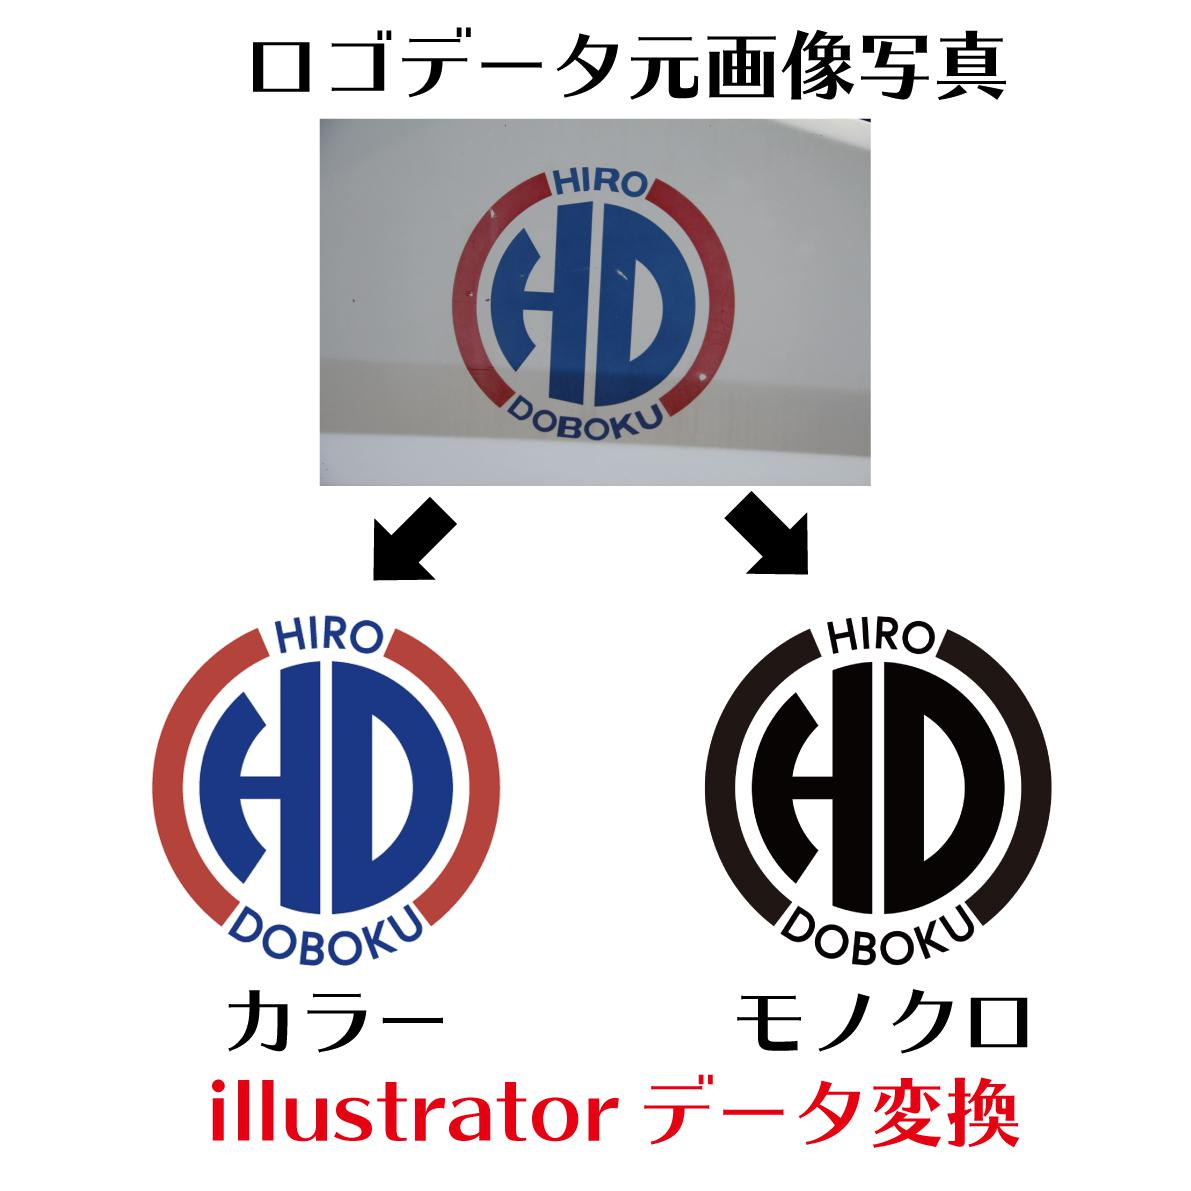 手書きイラスト、写真、ロゴをイラストデータにします 写真やスキャンデータをデジタル化!アウトライン、パス作成